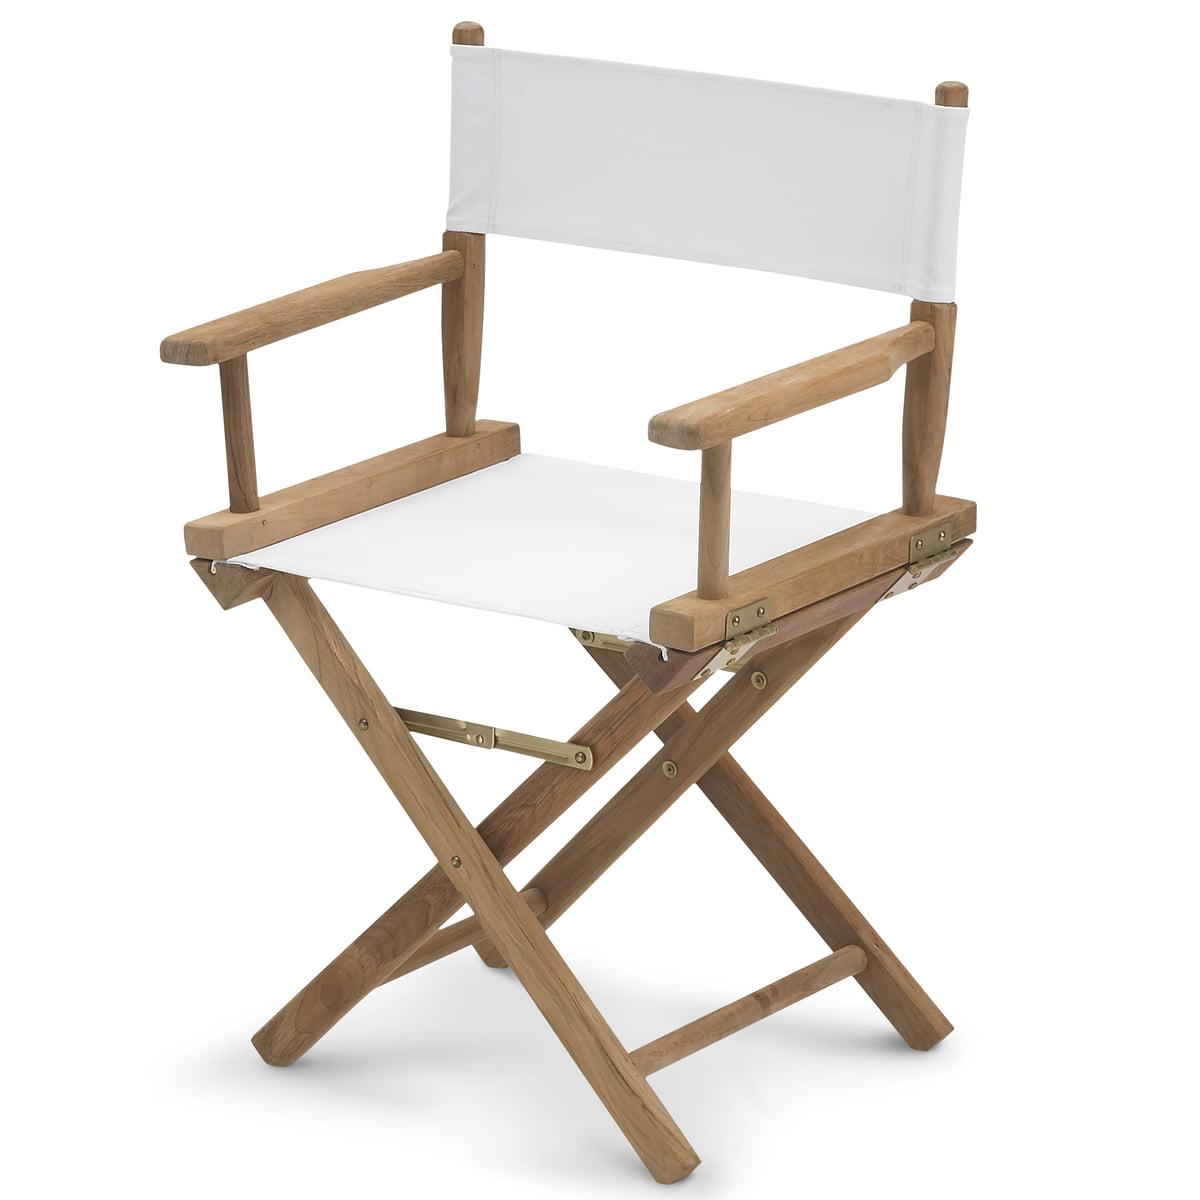 directors chair von skagerak im design shop - Einfache Dekoration Und Mobel Kuchenutensilien Mit Schickem Design